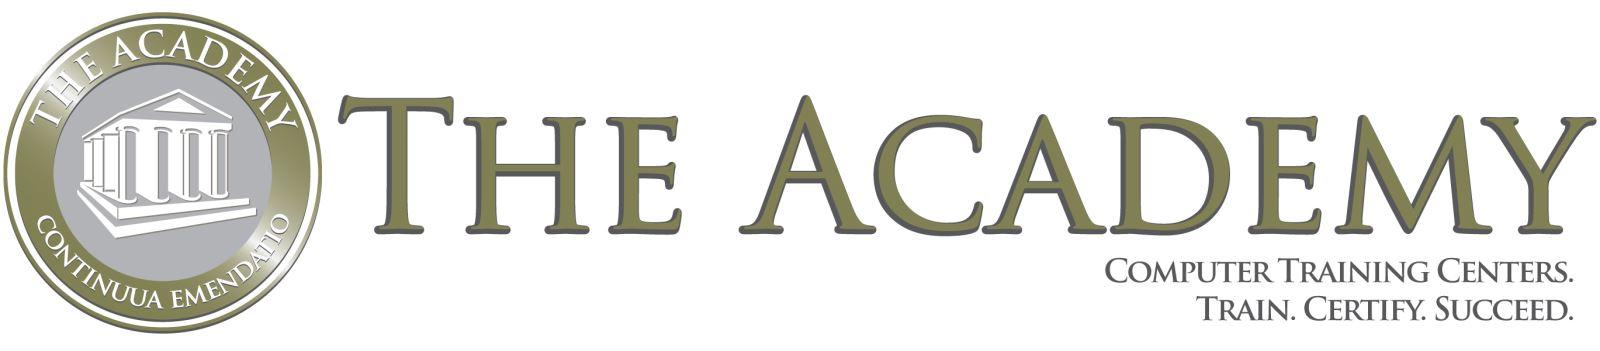 TheAcademy_Miami